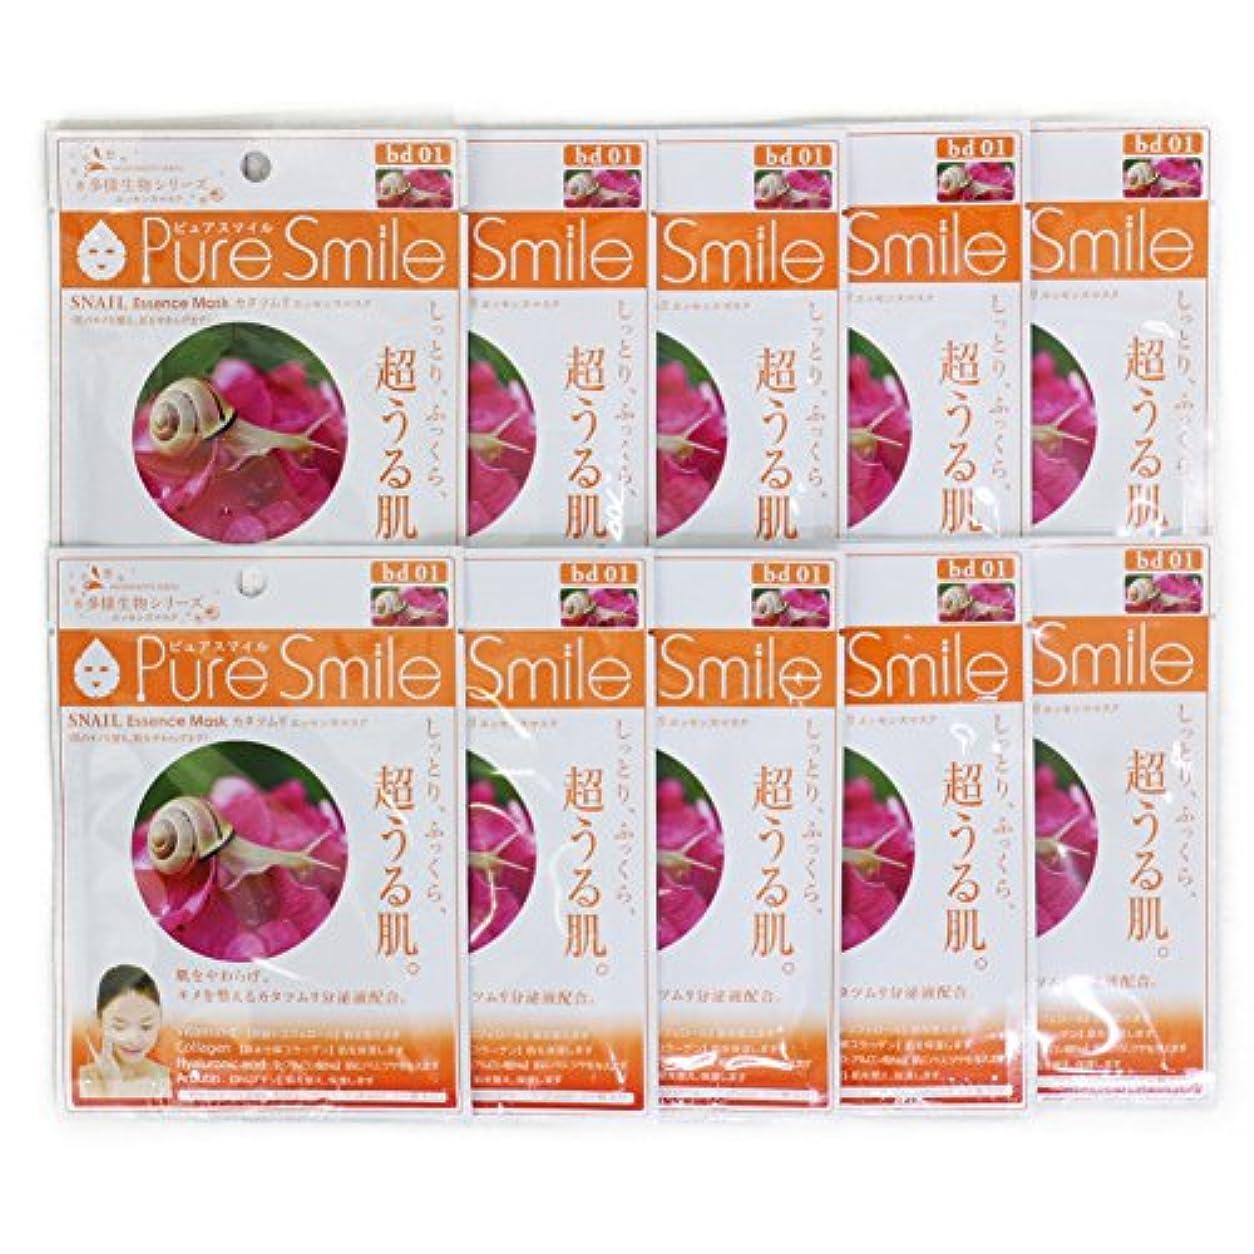 人気完全に乾く力Pure Smile ピュアスマイル 多様生物エッセンスマスク カタツムリ 10枚セット